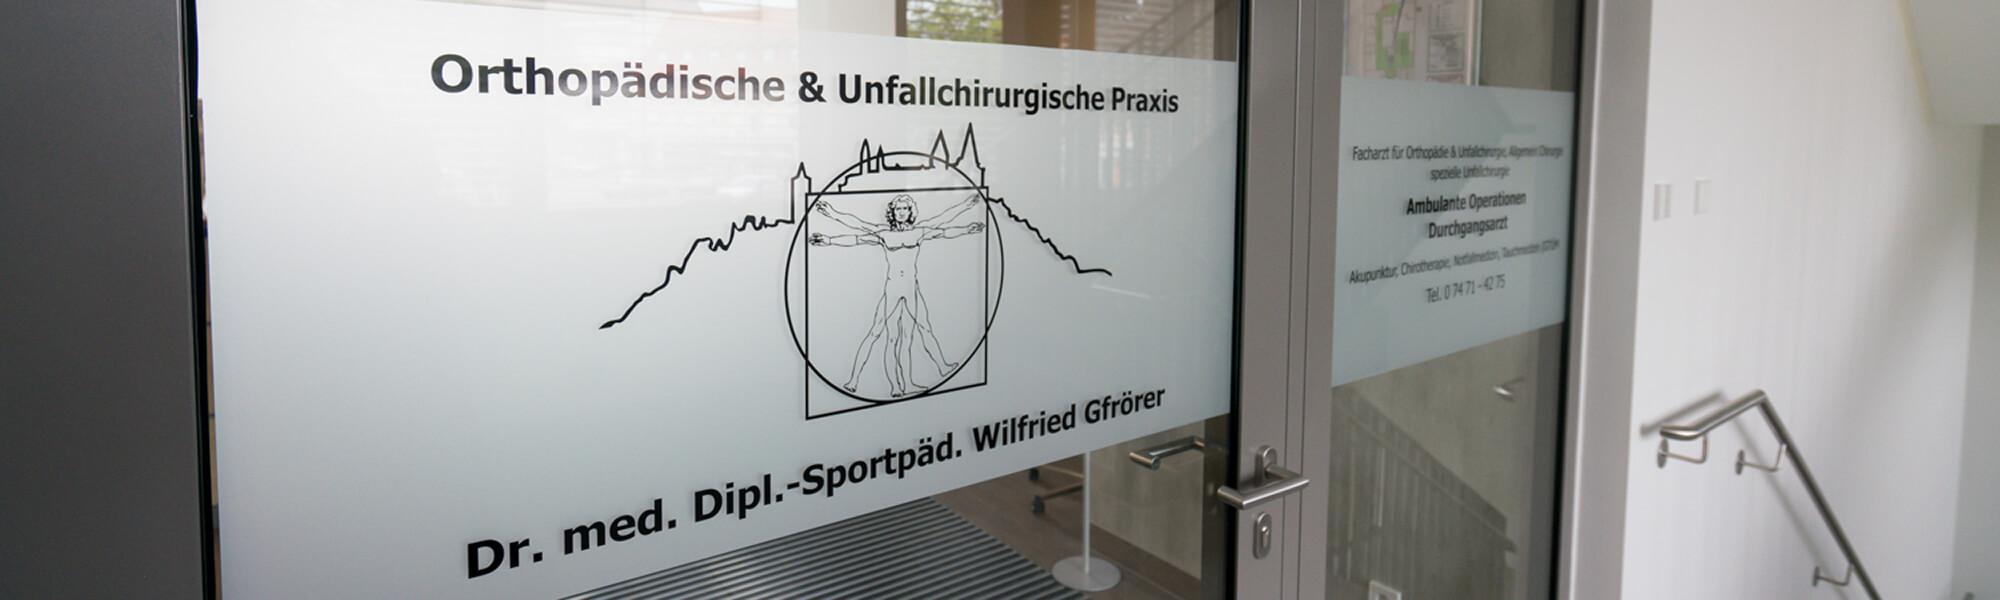 Unfallchirurg & Orthopäde Hechingen - Gfrörer - Arbeitsunfälle - Slider